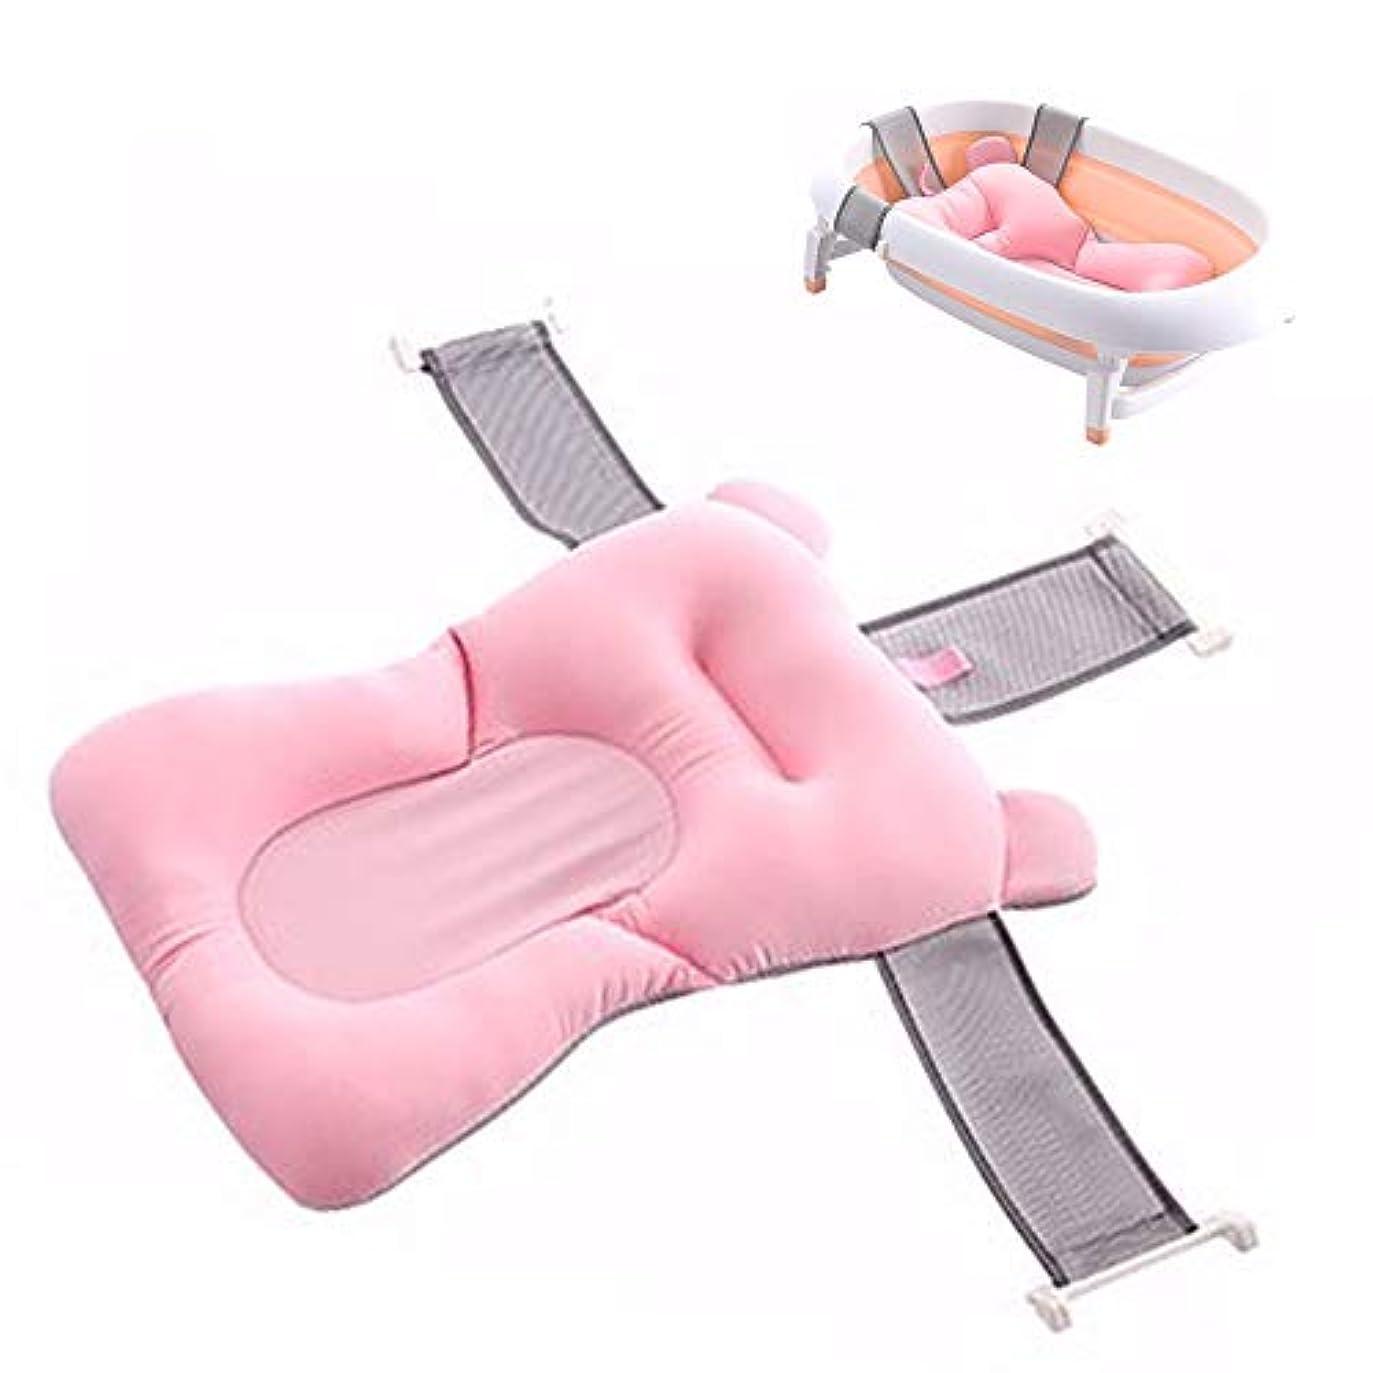 より多いシャークロール赤ちゃん浴槽枕風呂クッション幼児ラウンジャーエアクッション柔らかい滑り止めバスシート用0-12ヶ月幼児,Pink